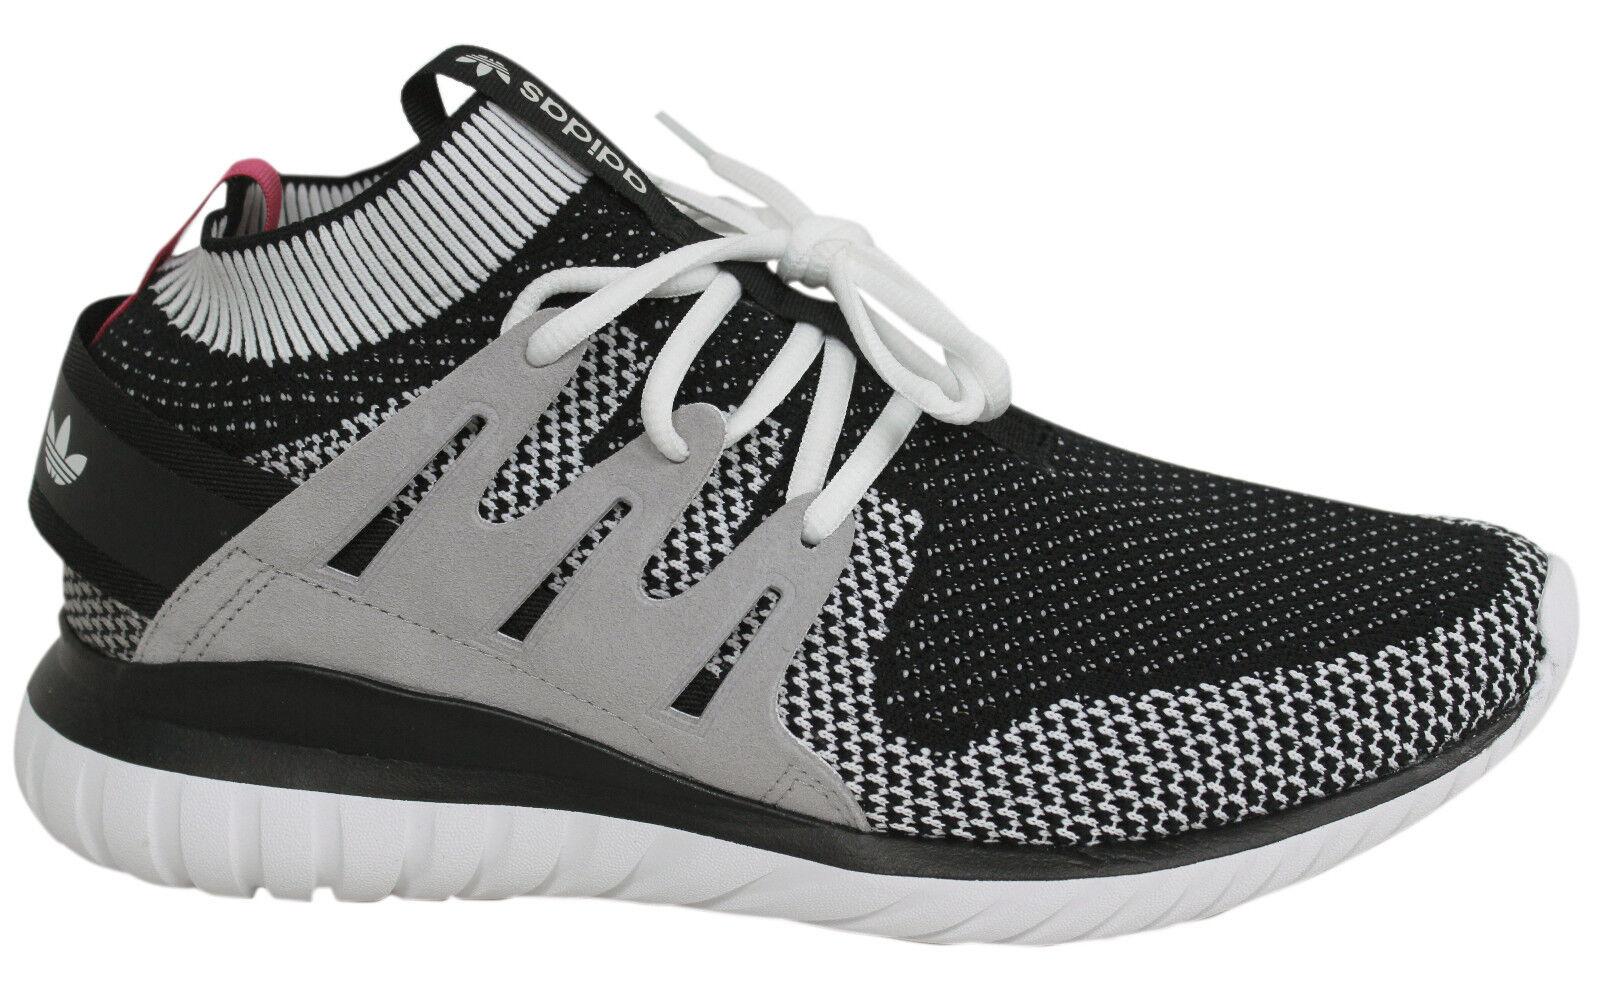 Adidas Tubular Nova Pack Cordones blancoo Negro gris Calcetín Zapatillas Hombre